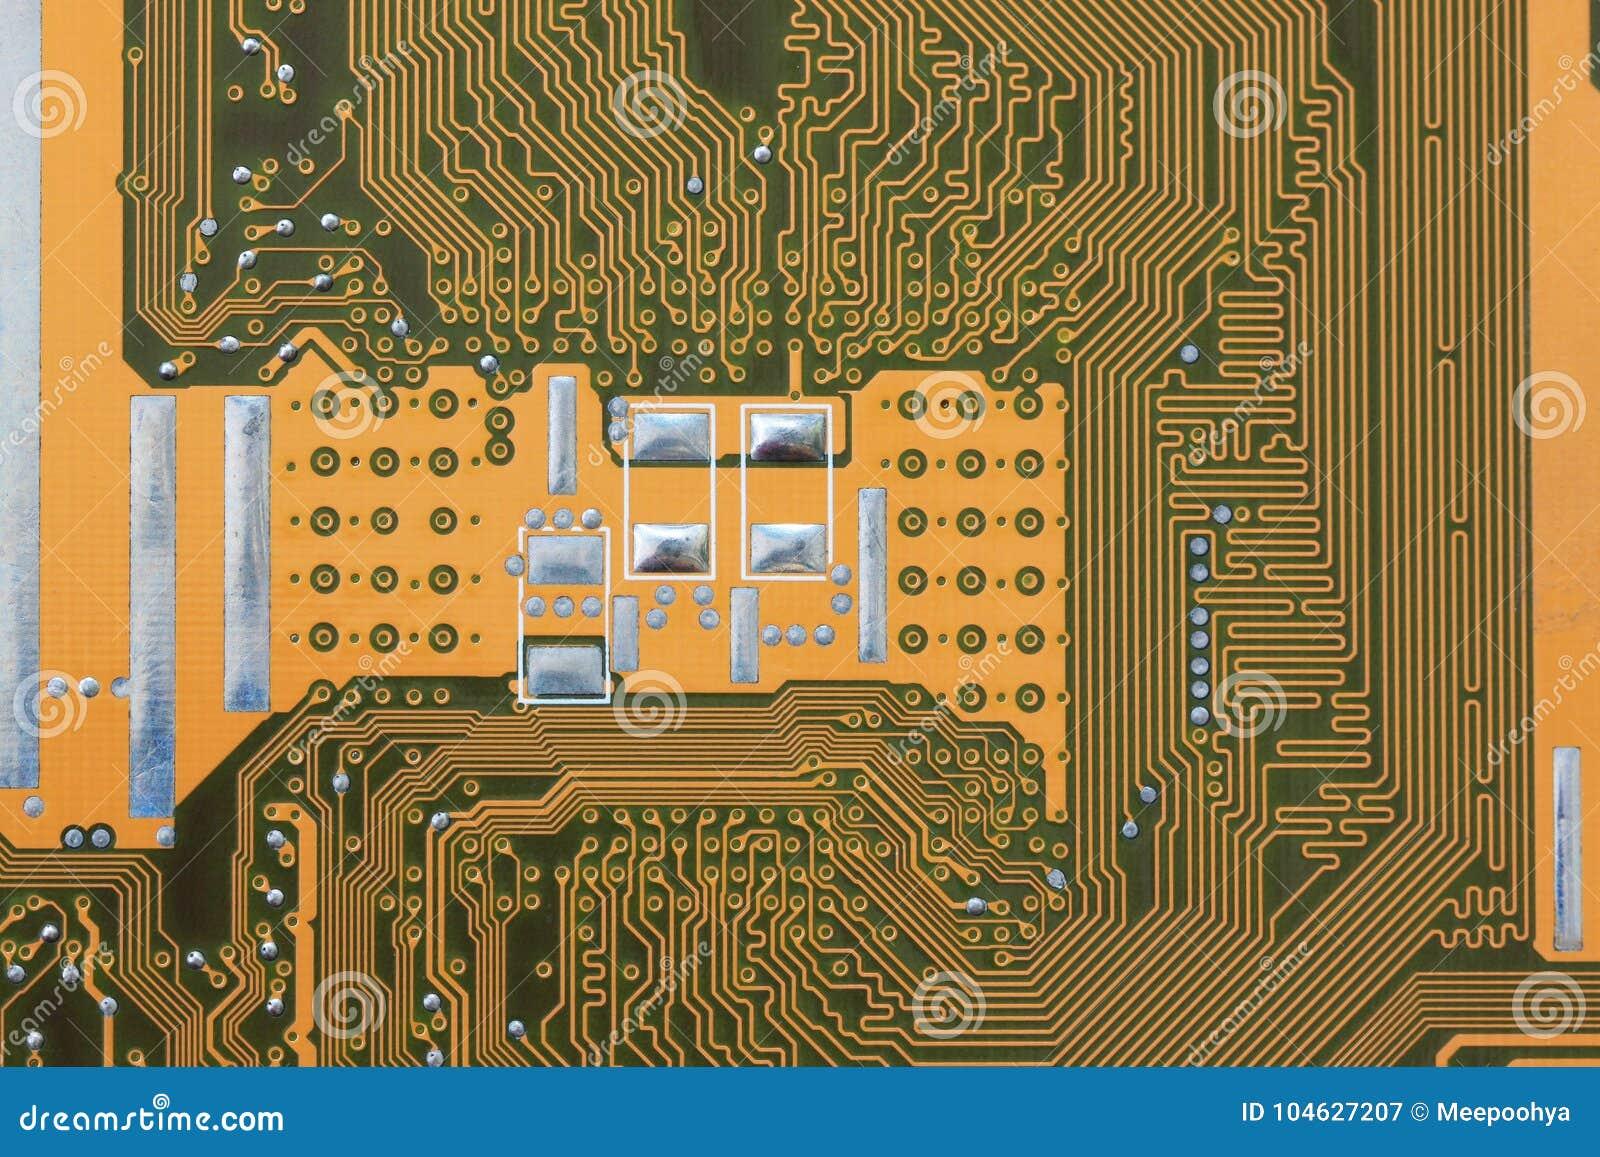 Download Computermotherboard Oppervlakte Van Technologieachtergrond Stock Afbeelding - Afbeelding bestaande uit samenvatting, idee: 104627207